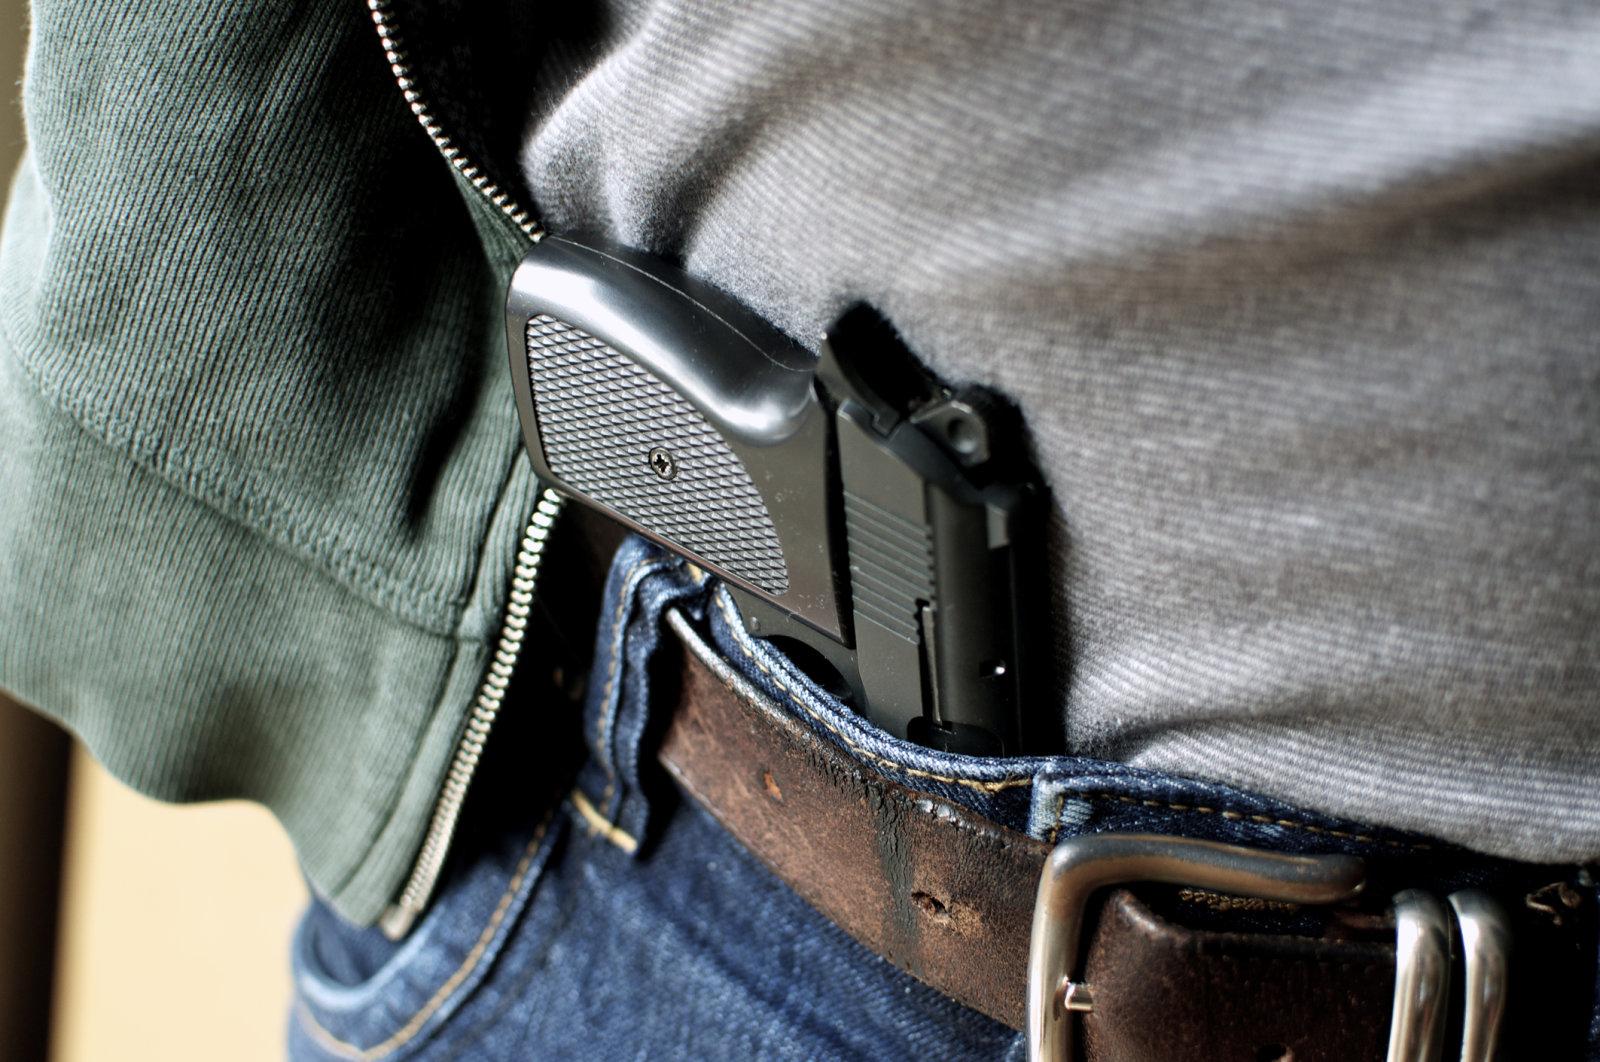 «Στοπ» σε κρούσματα πυροβολισμών σε σχολεία μέσω τεχνητής νοημοσύνης βάζει η Athena Security